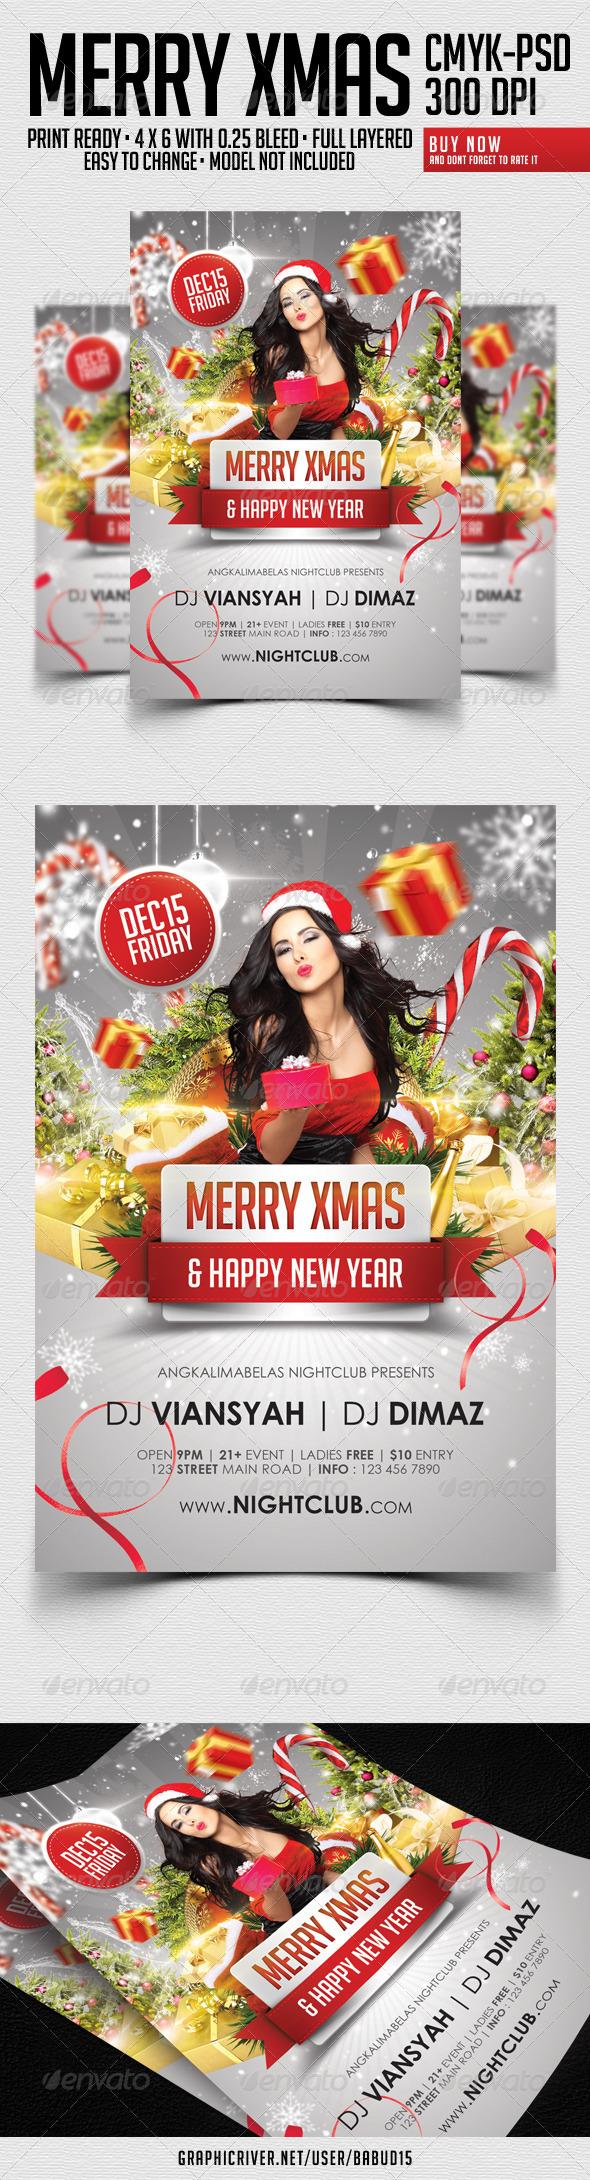 Flyer para Navidad Merry Xmas